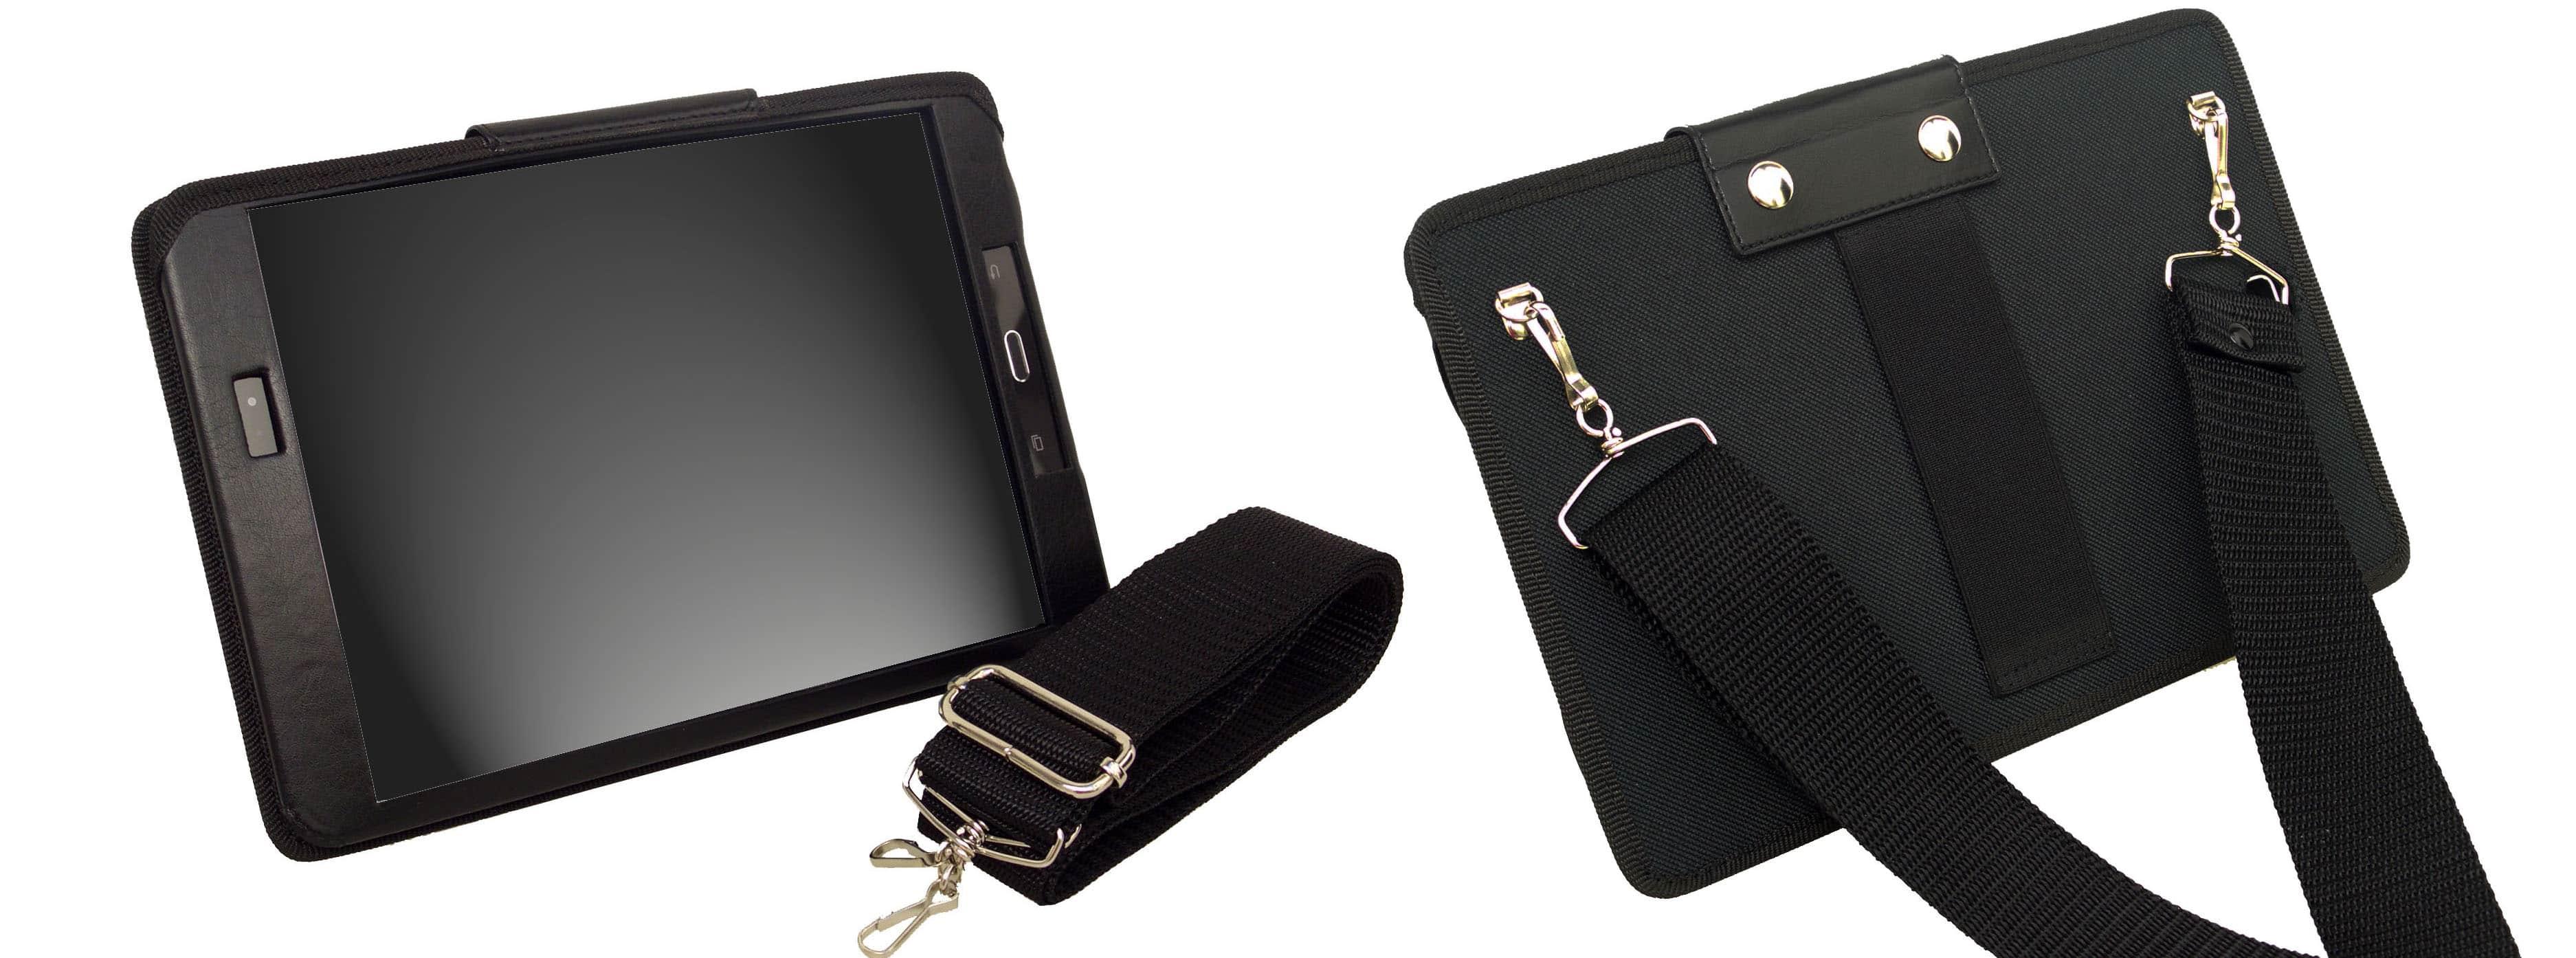 funda tablet samsung galaxy tab a melgar para entornos industriales